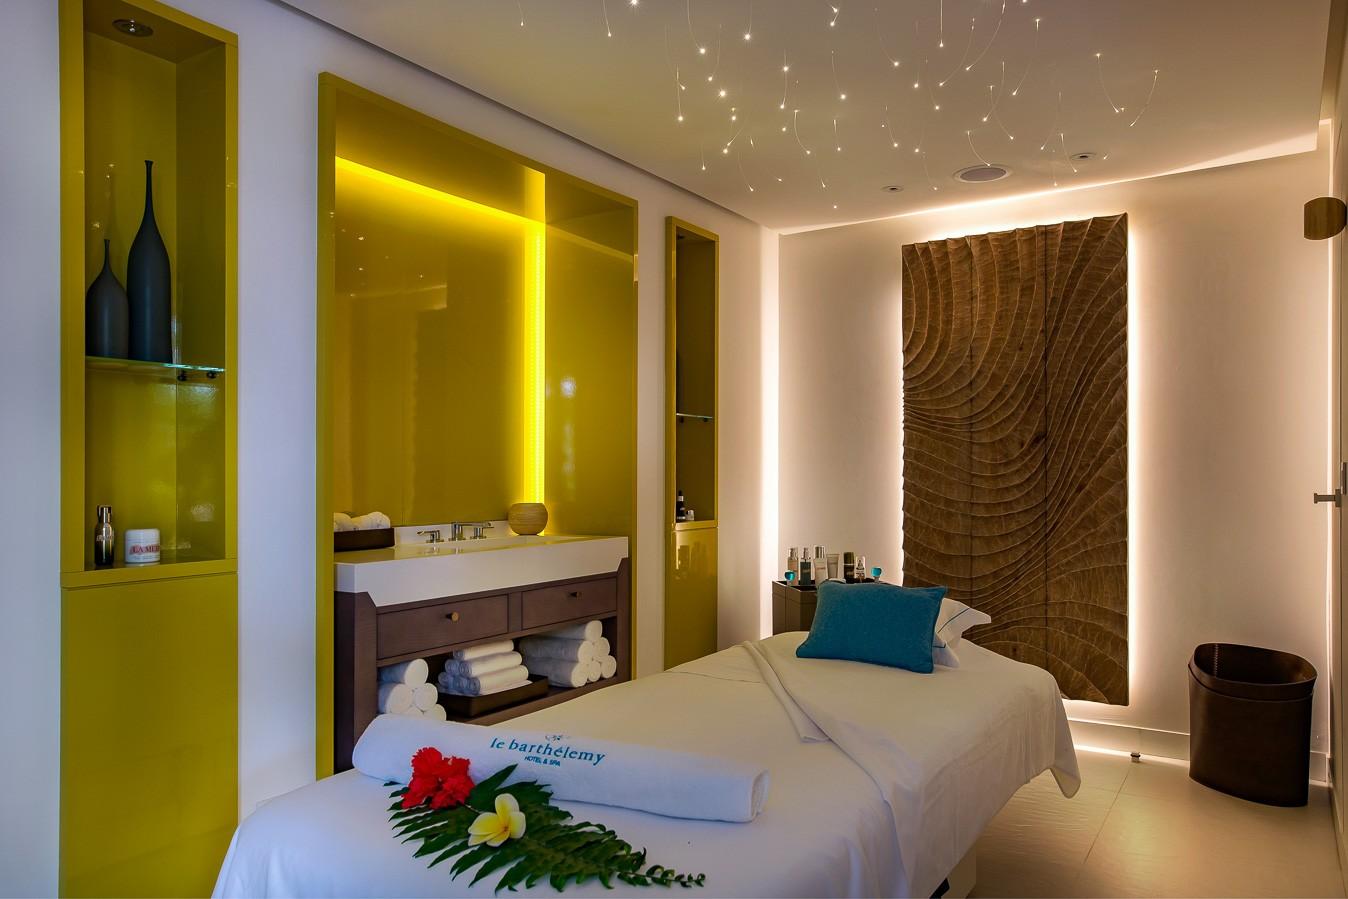 Le Barthélemy Hotel & Spa - Le Spa4@LaurentBenoit